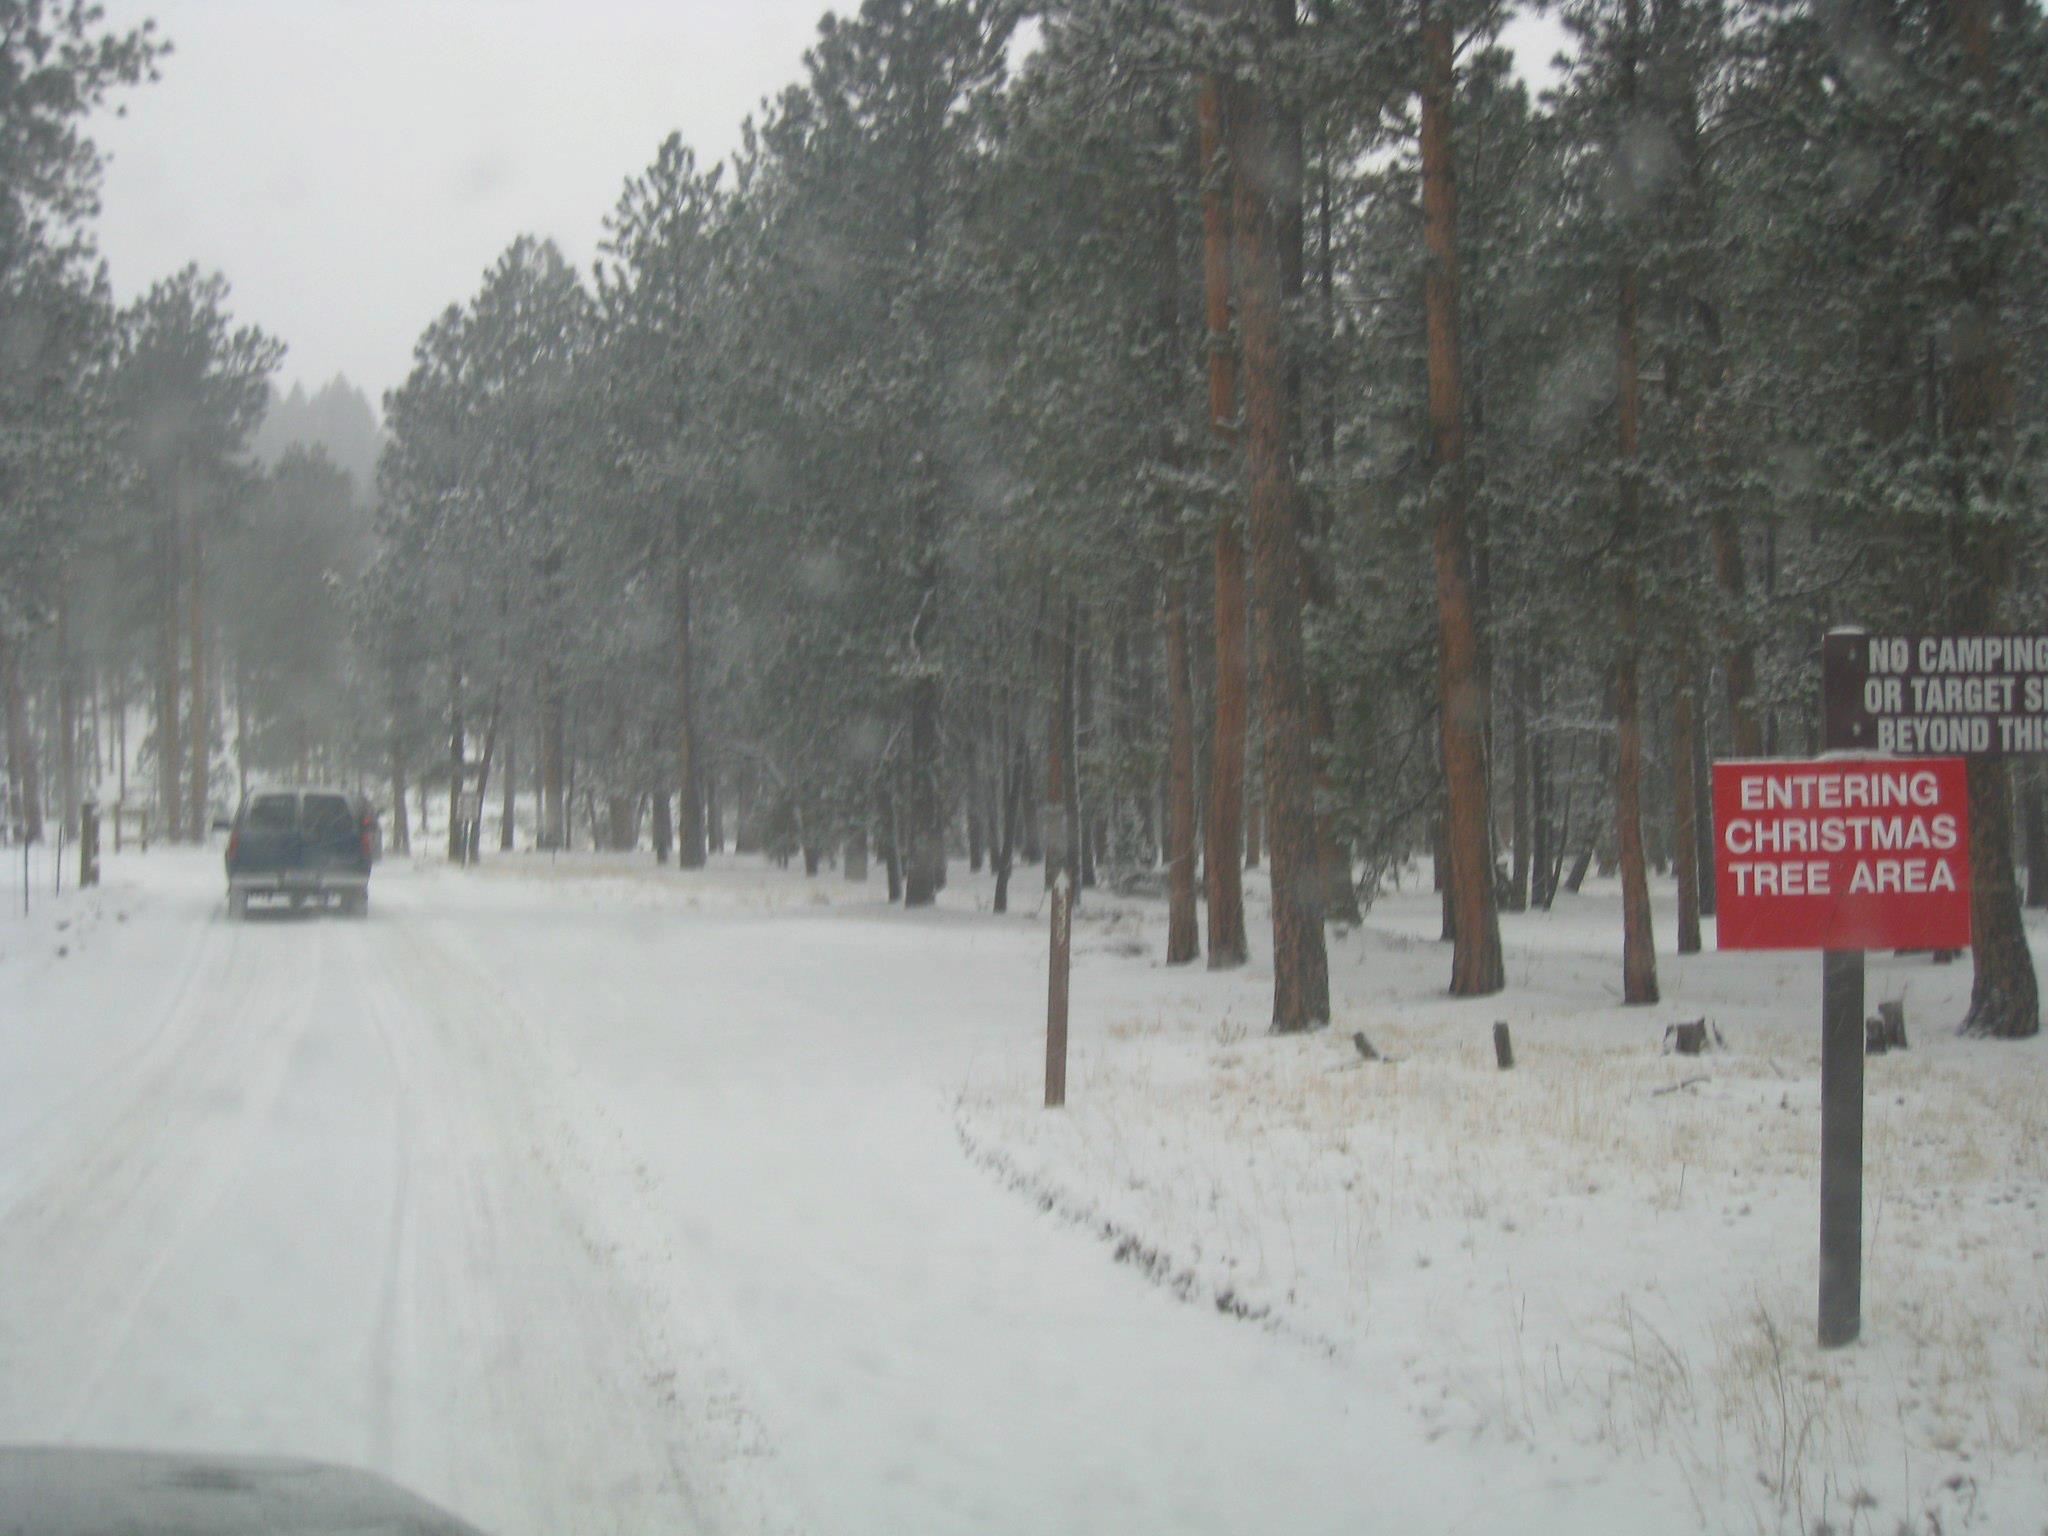 christmas tree cutting permit colorado Springs 2012